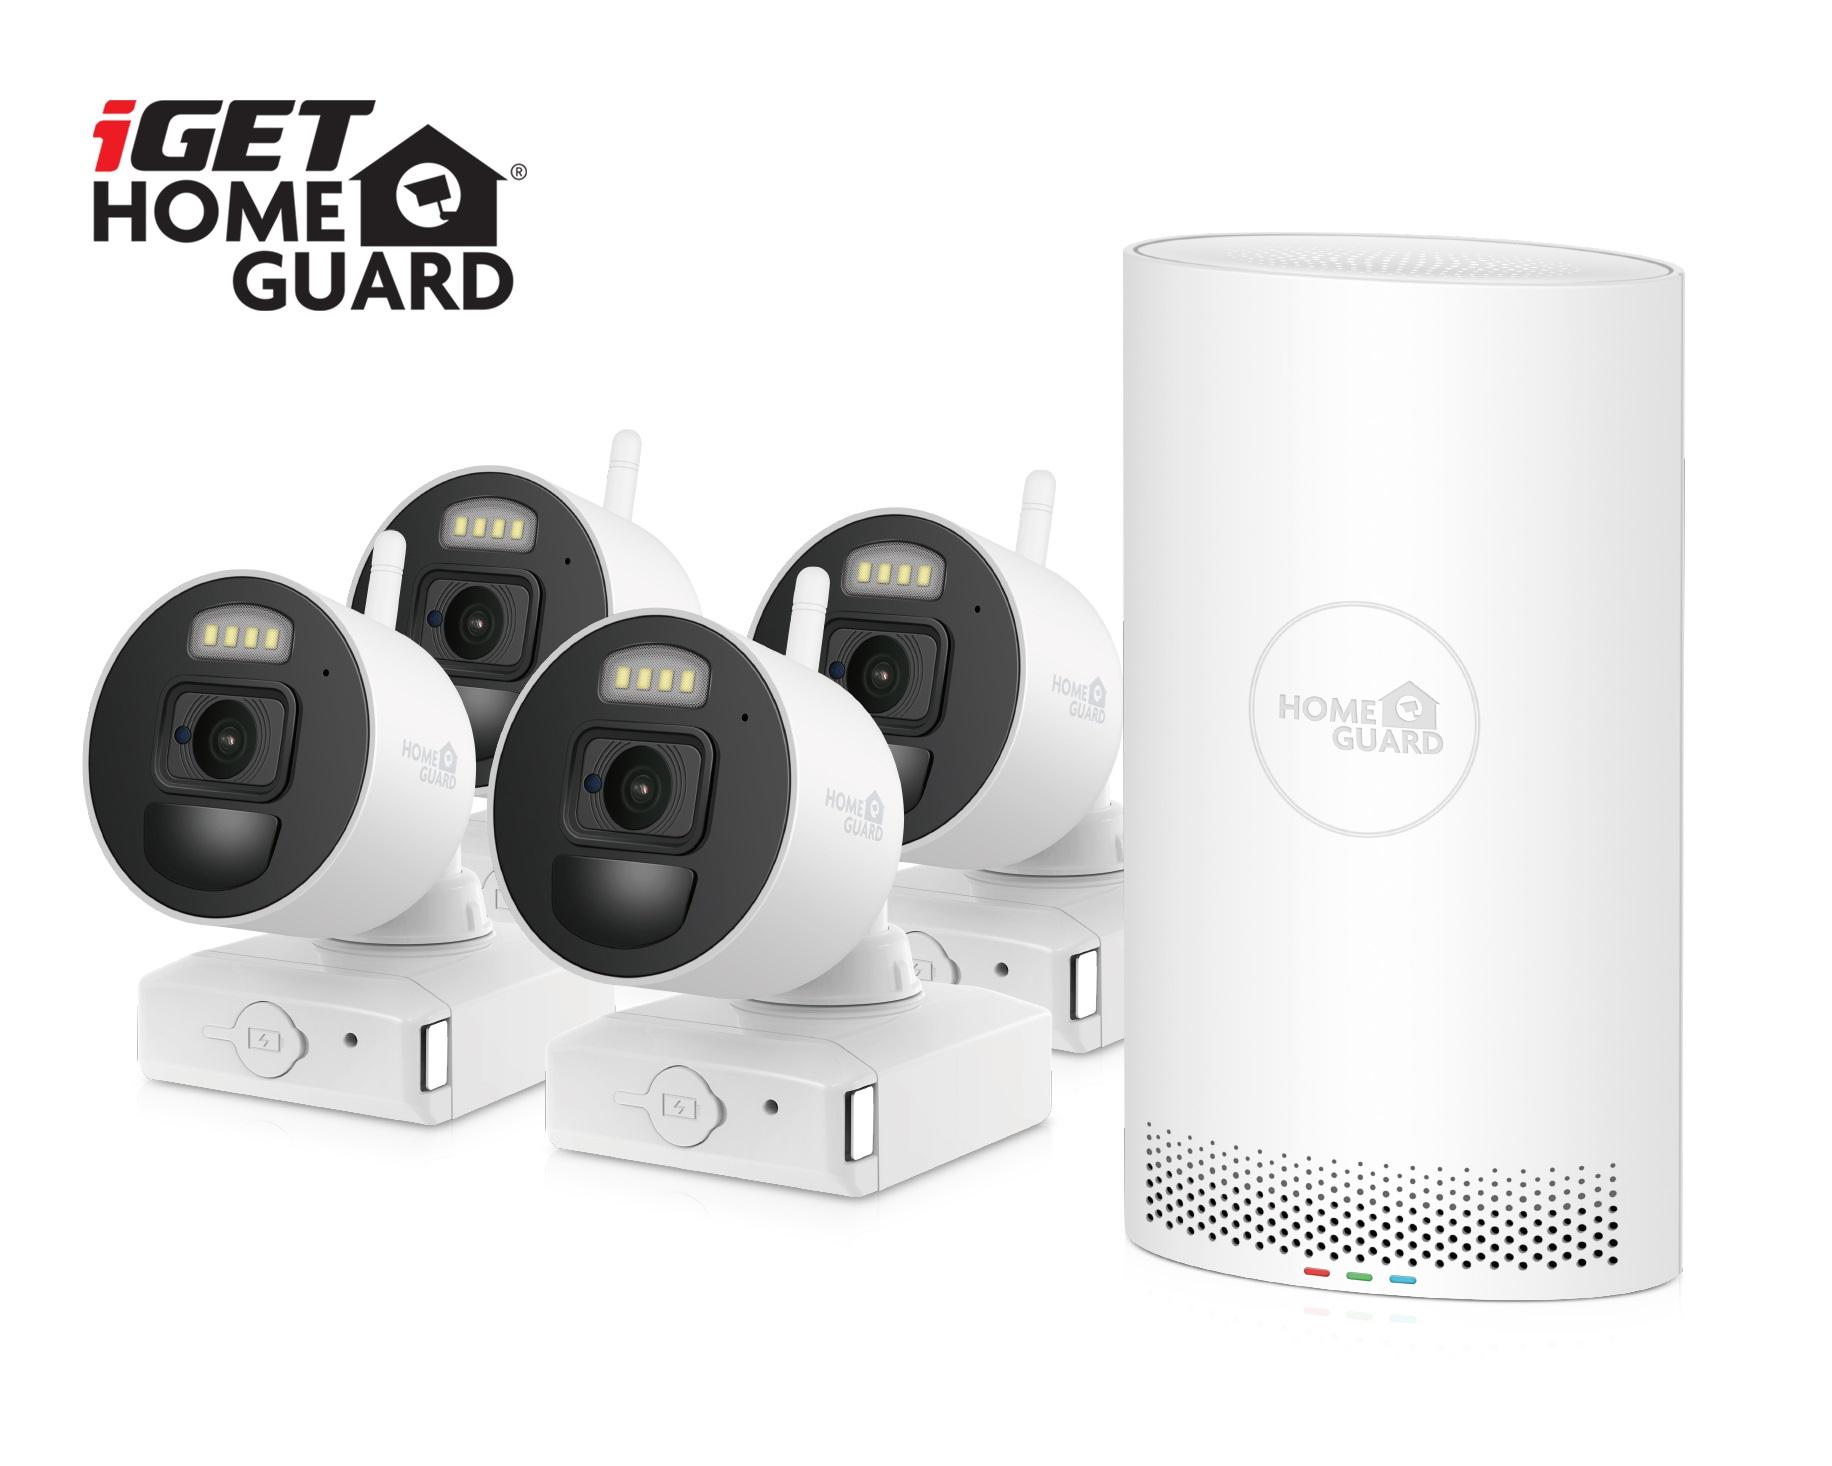 iGET HGNVK88004P - bateriový bezdrátový WiFi set FullHD 1080p, 8CH NVR + 4x FullHD kamera, aplikace - HGNVK88004P